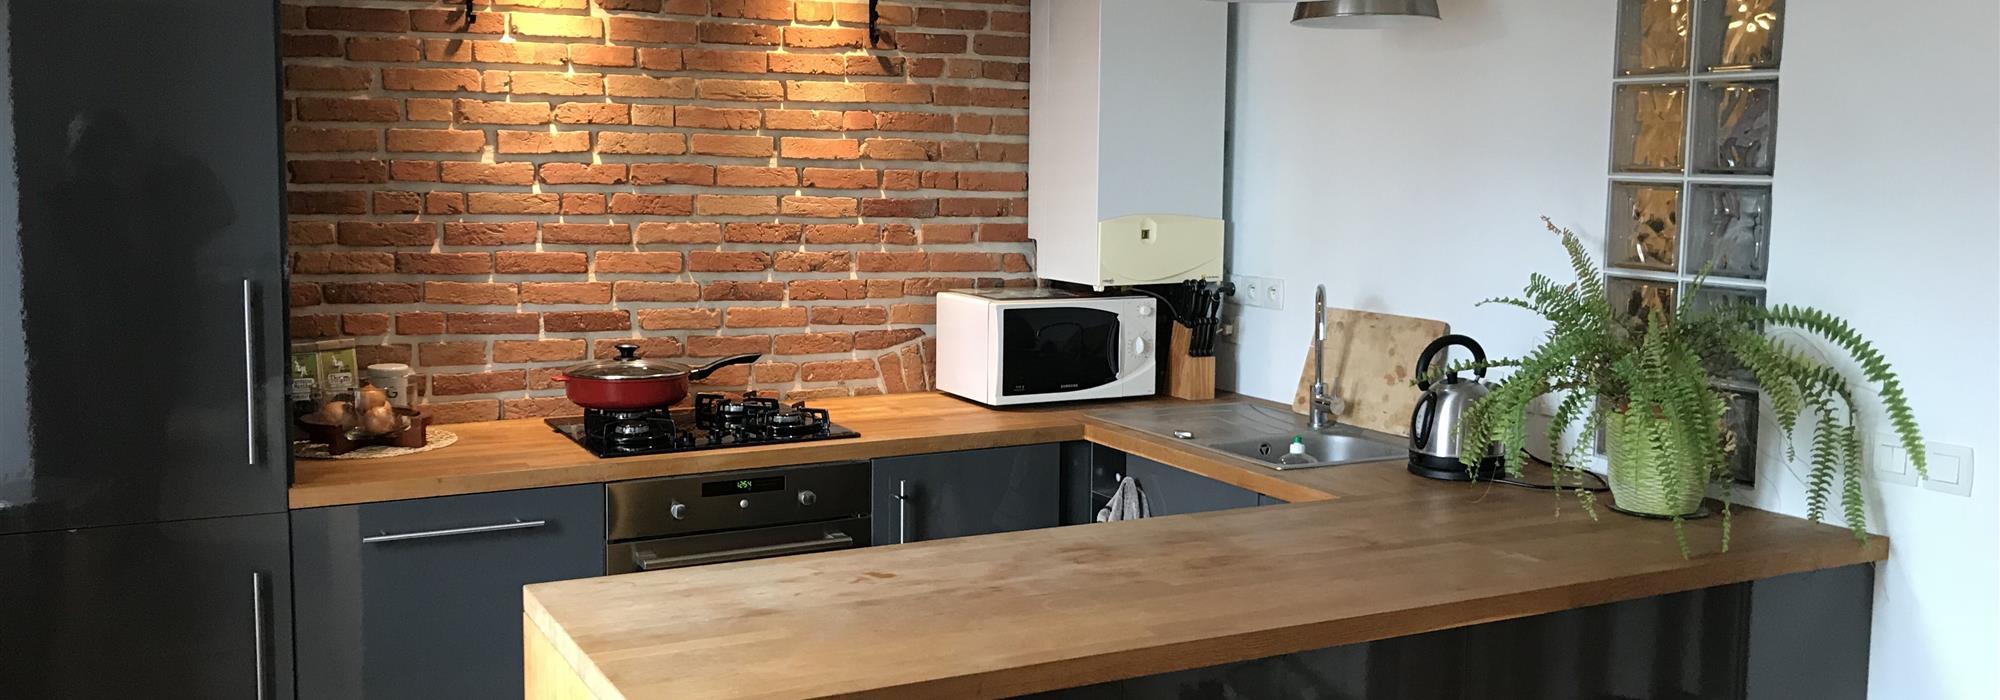 Appartement T3 duplex Rennes Thabor